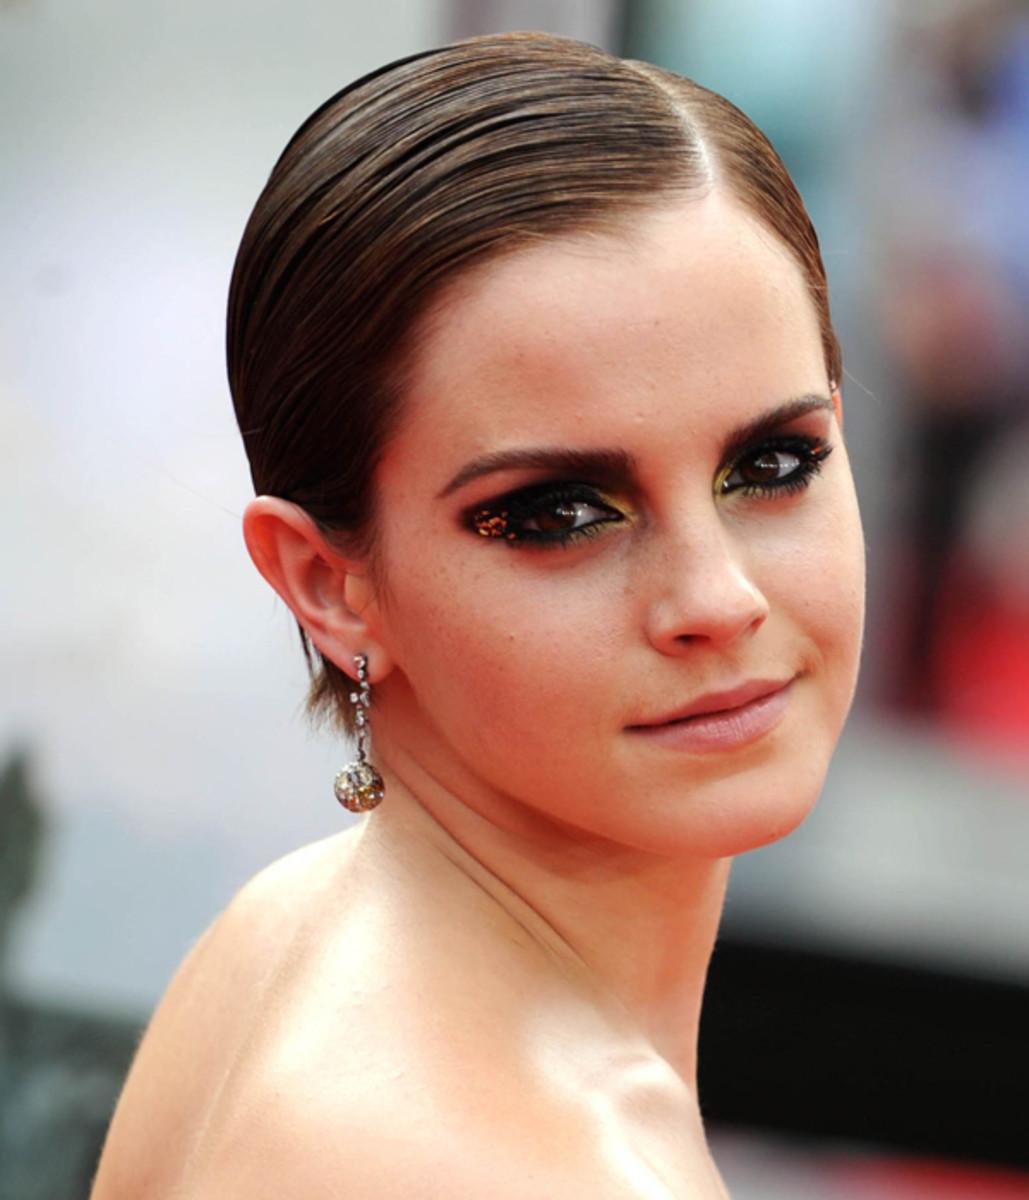 Emma-Watson-Harry-Potter-premiere-2011